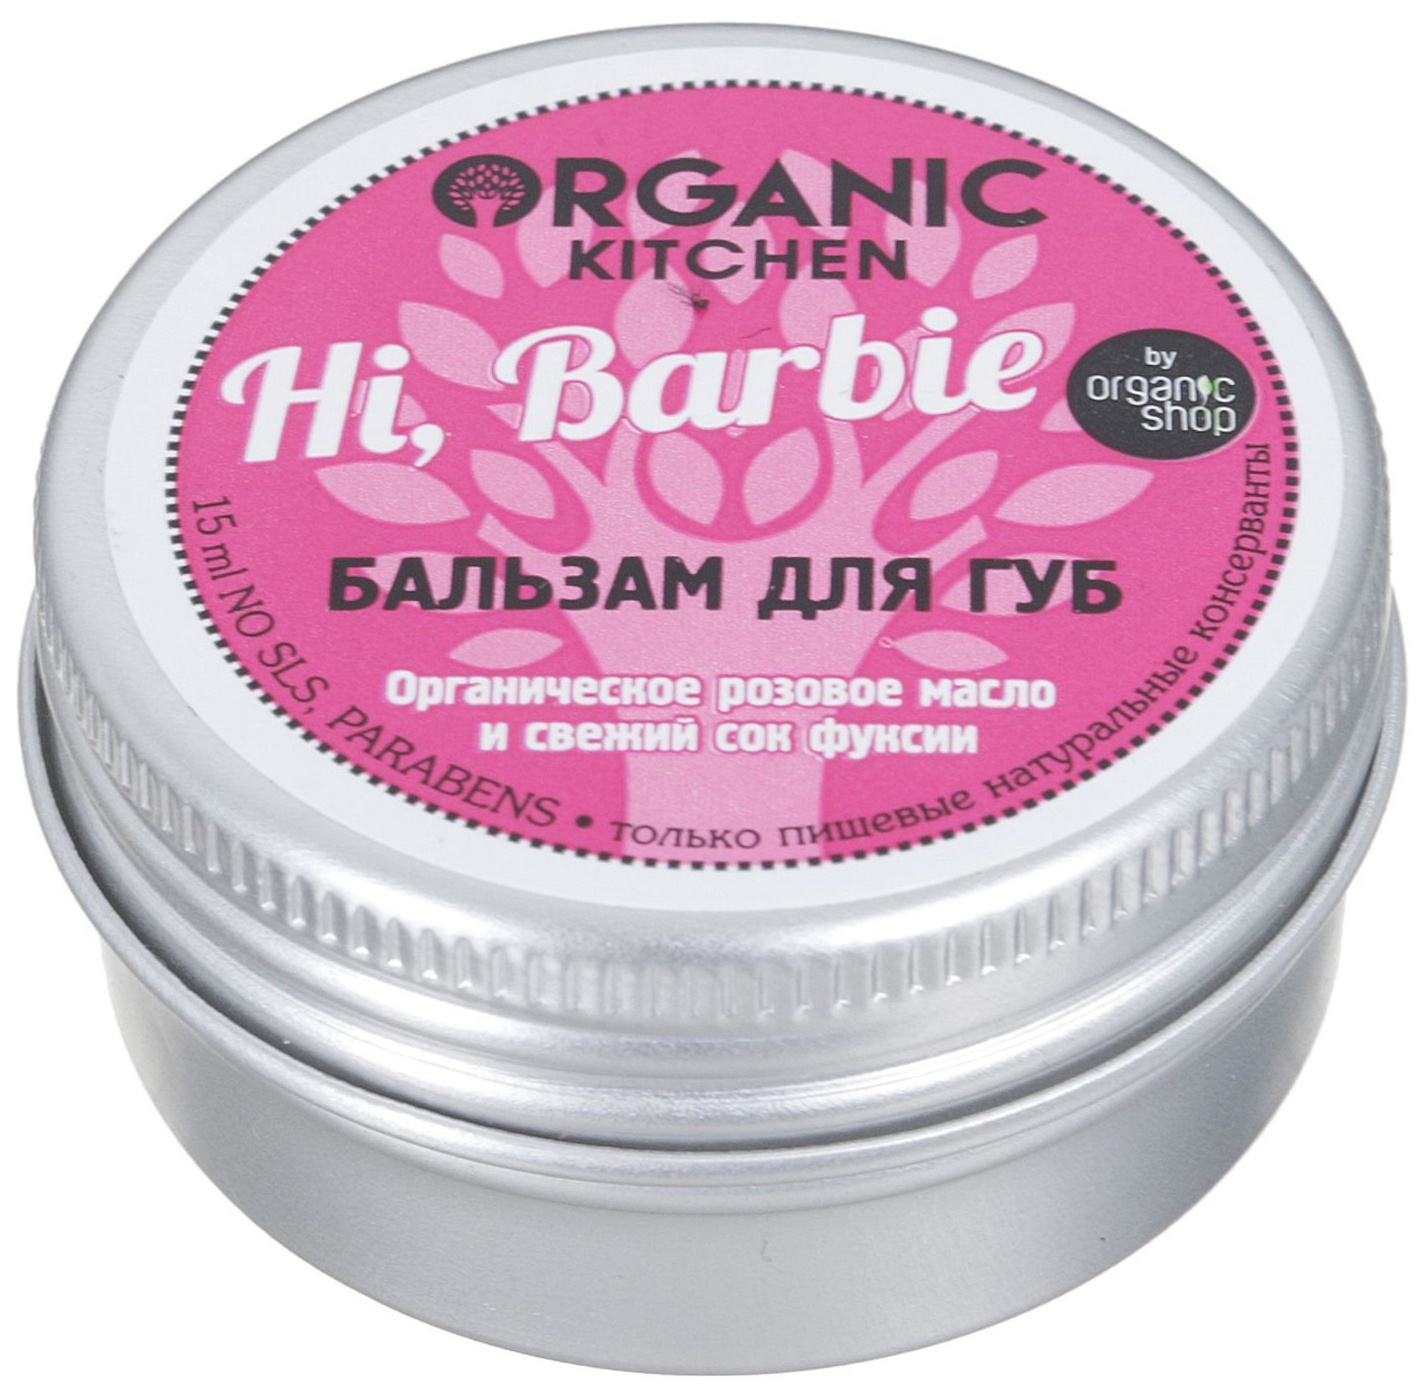 Бальзам для губ Organic shop Hi, Barbie